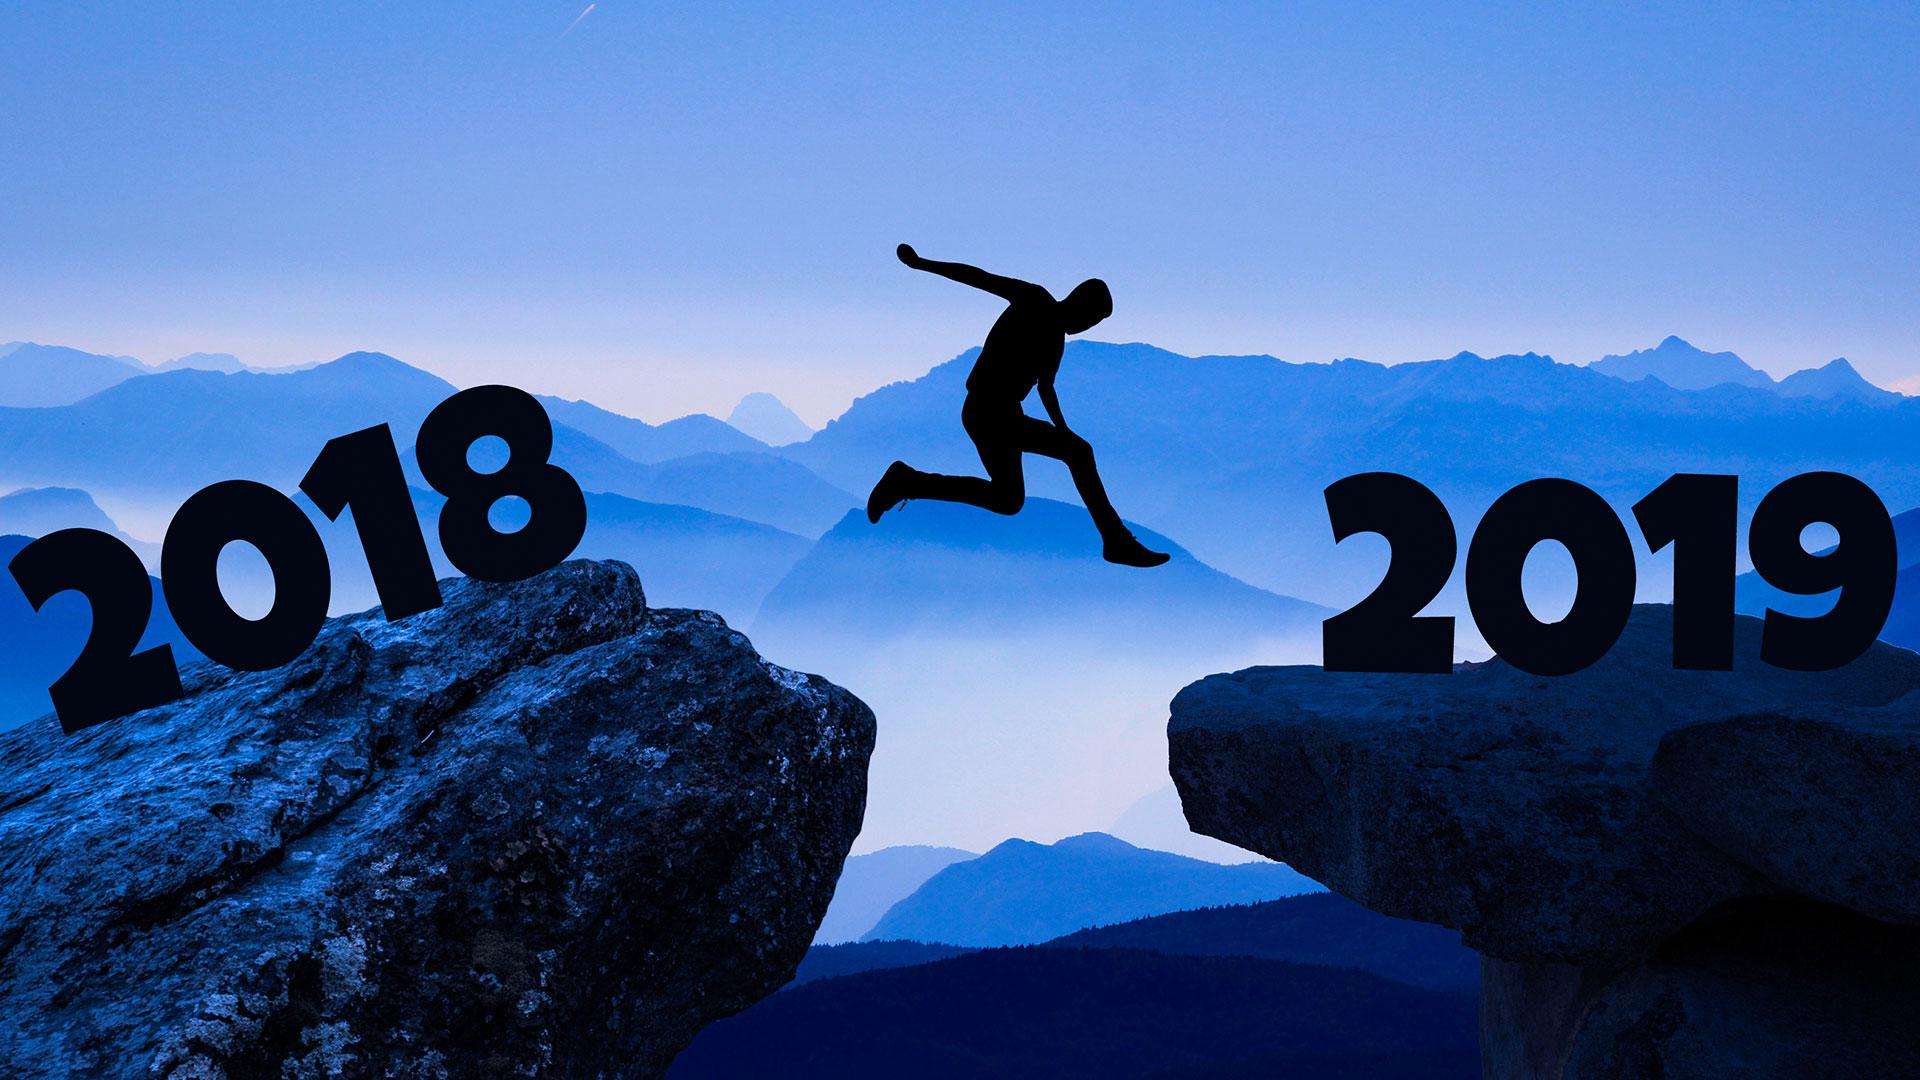 Jaaroverzicht 2018: de meest gelezen artikelen